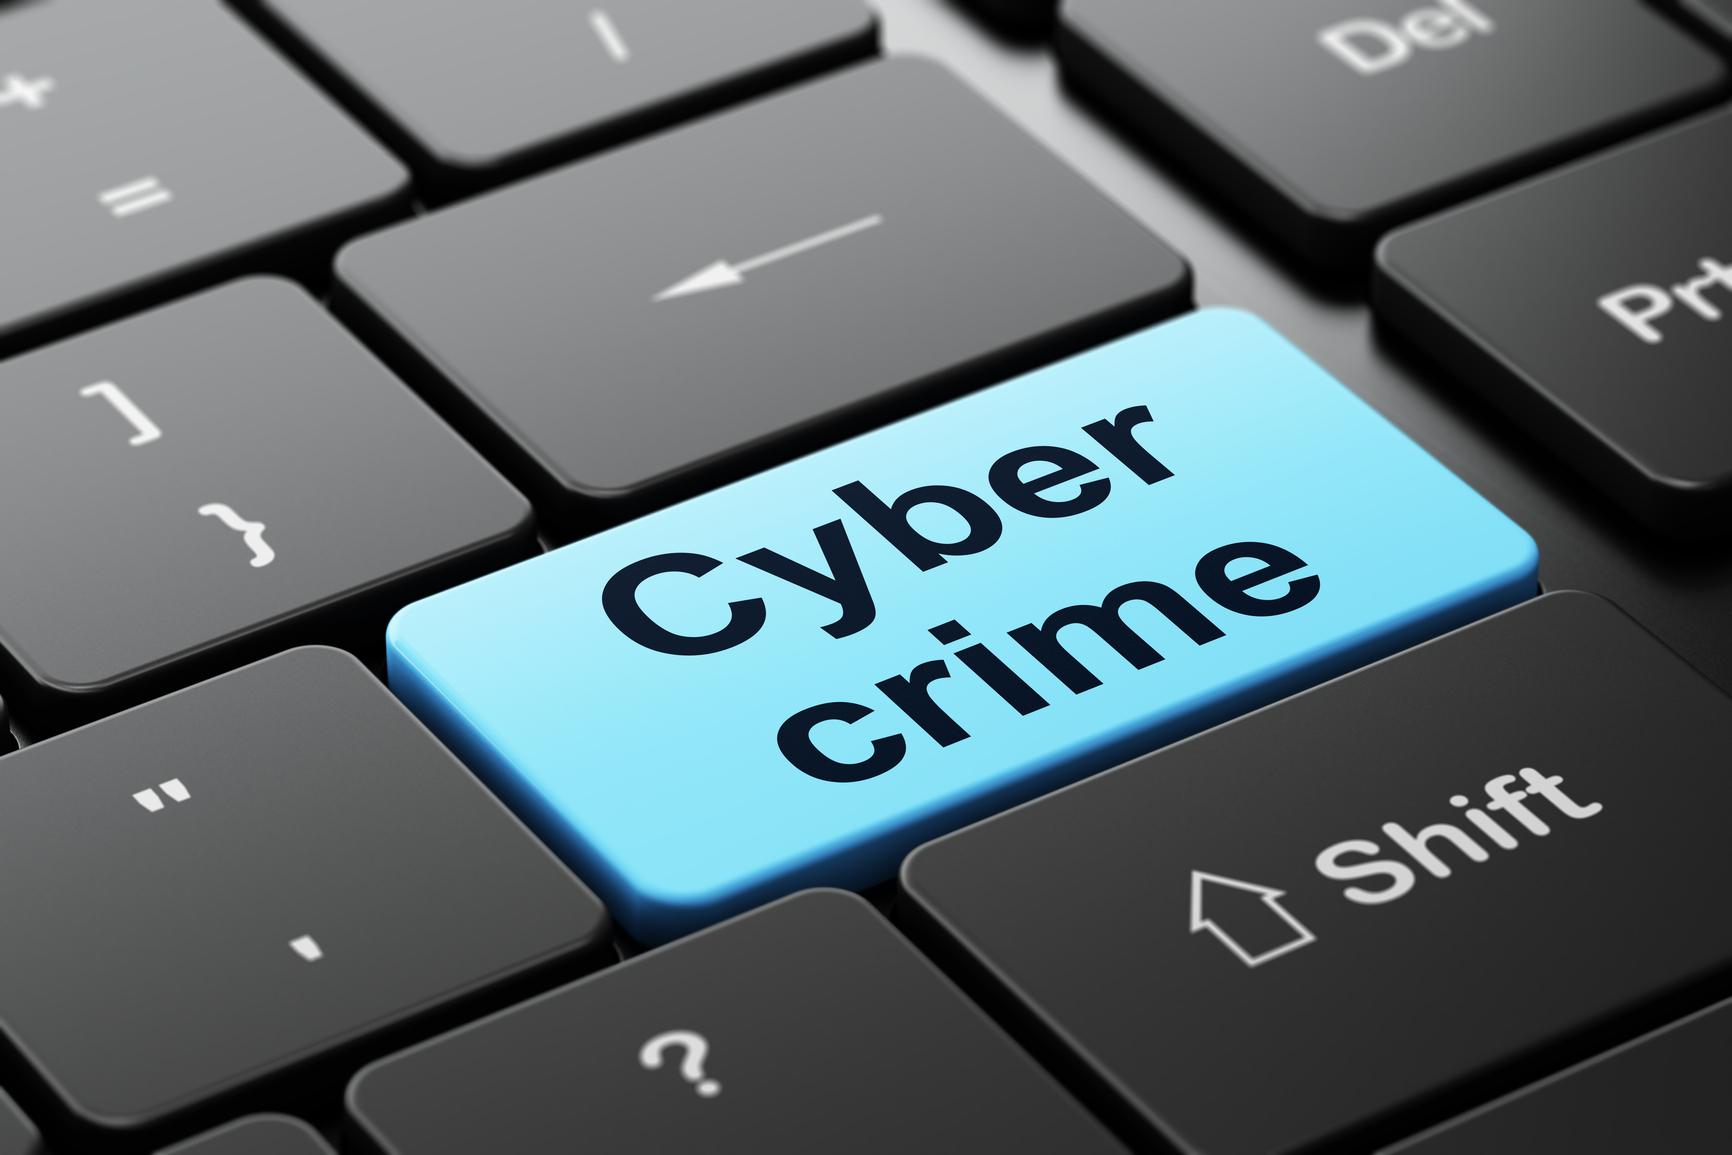 جرایم سایبری چیست و چه شاخصه هایی دارد؟!